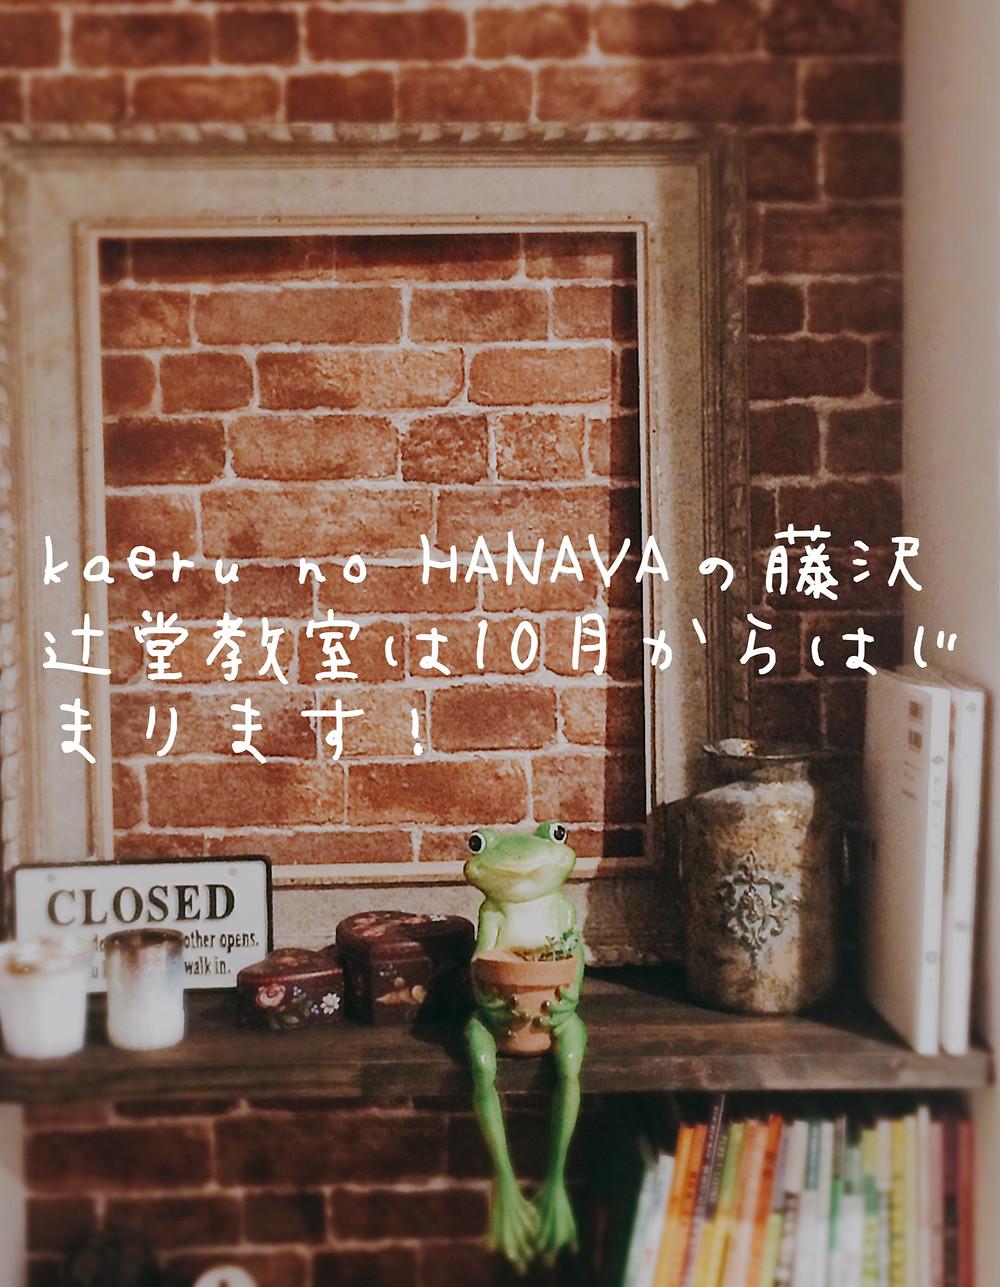 kaeru no HANAYA 神奈川藤沢